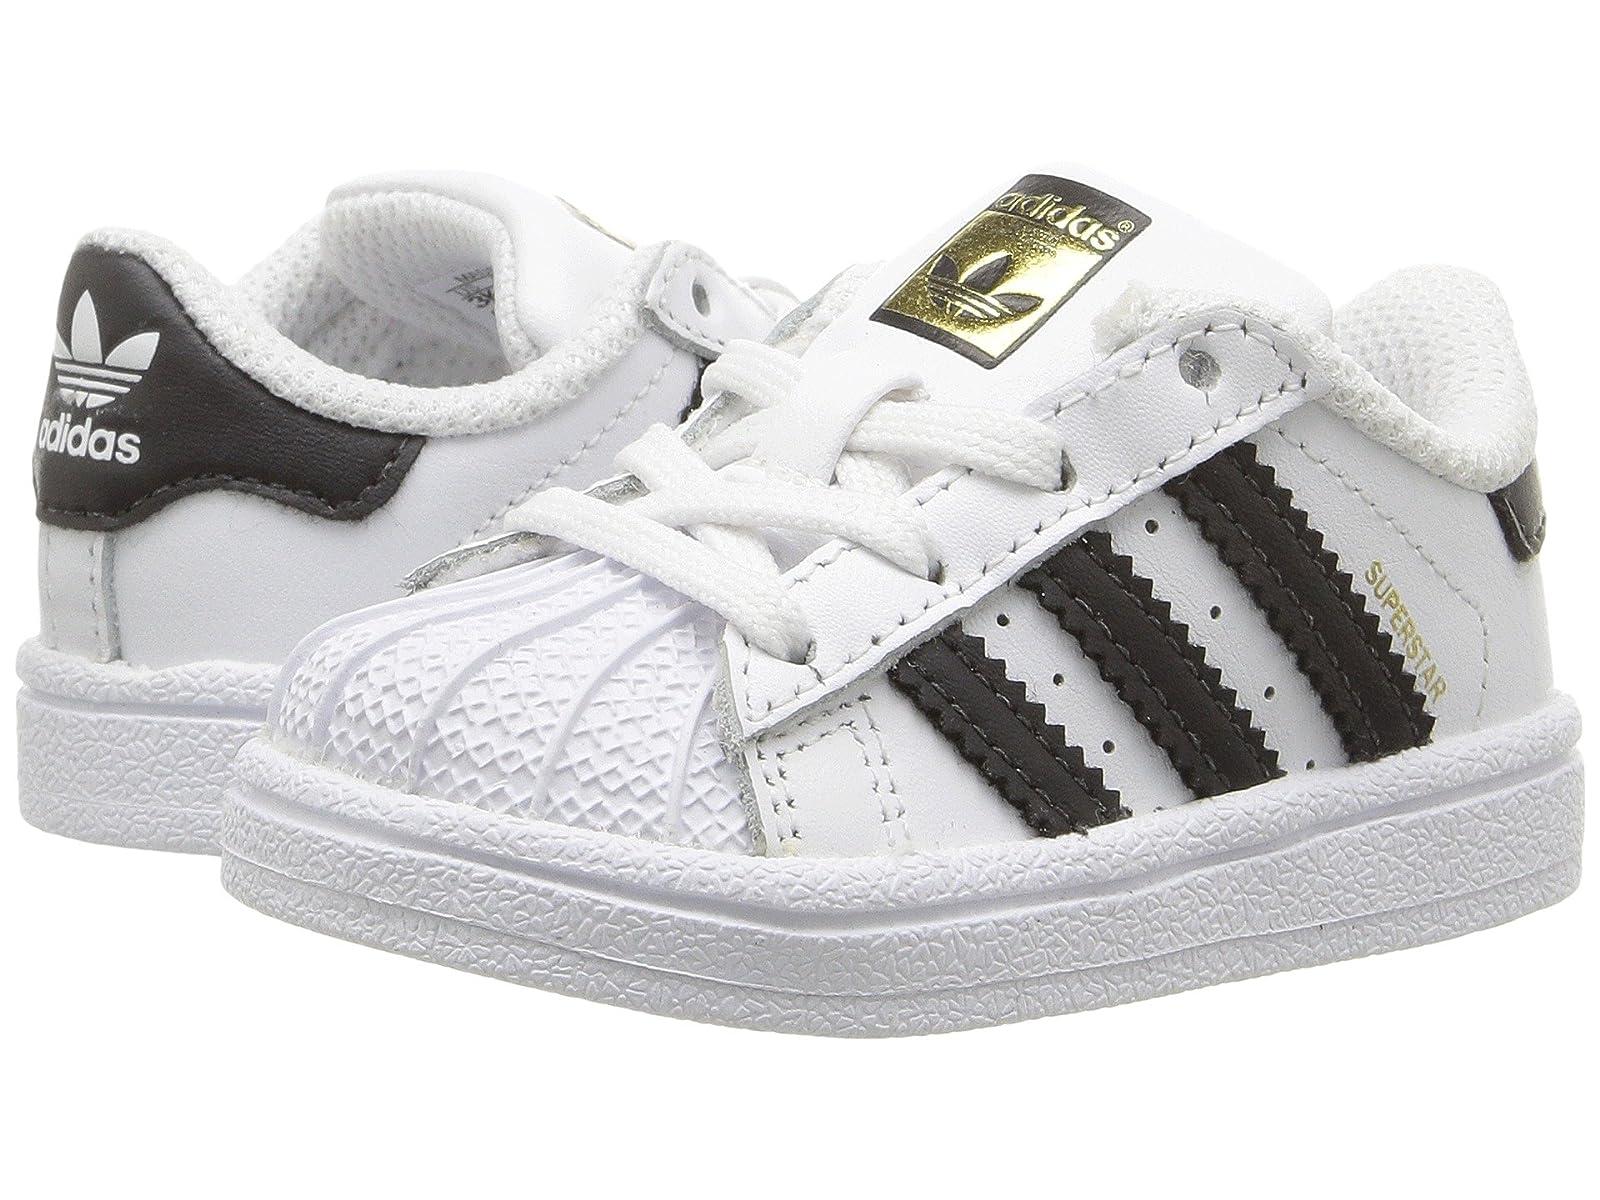 adidas Originals Kids Superstar (Infant/Toddler)Atmospheric grades have affordable shoes